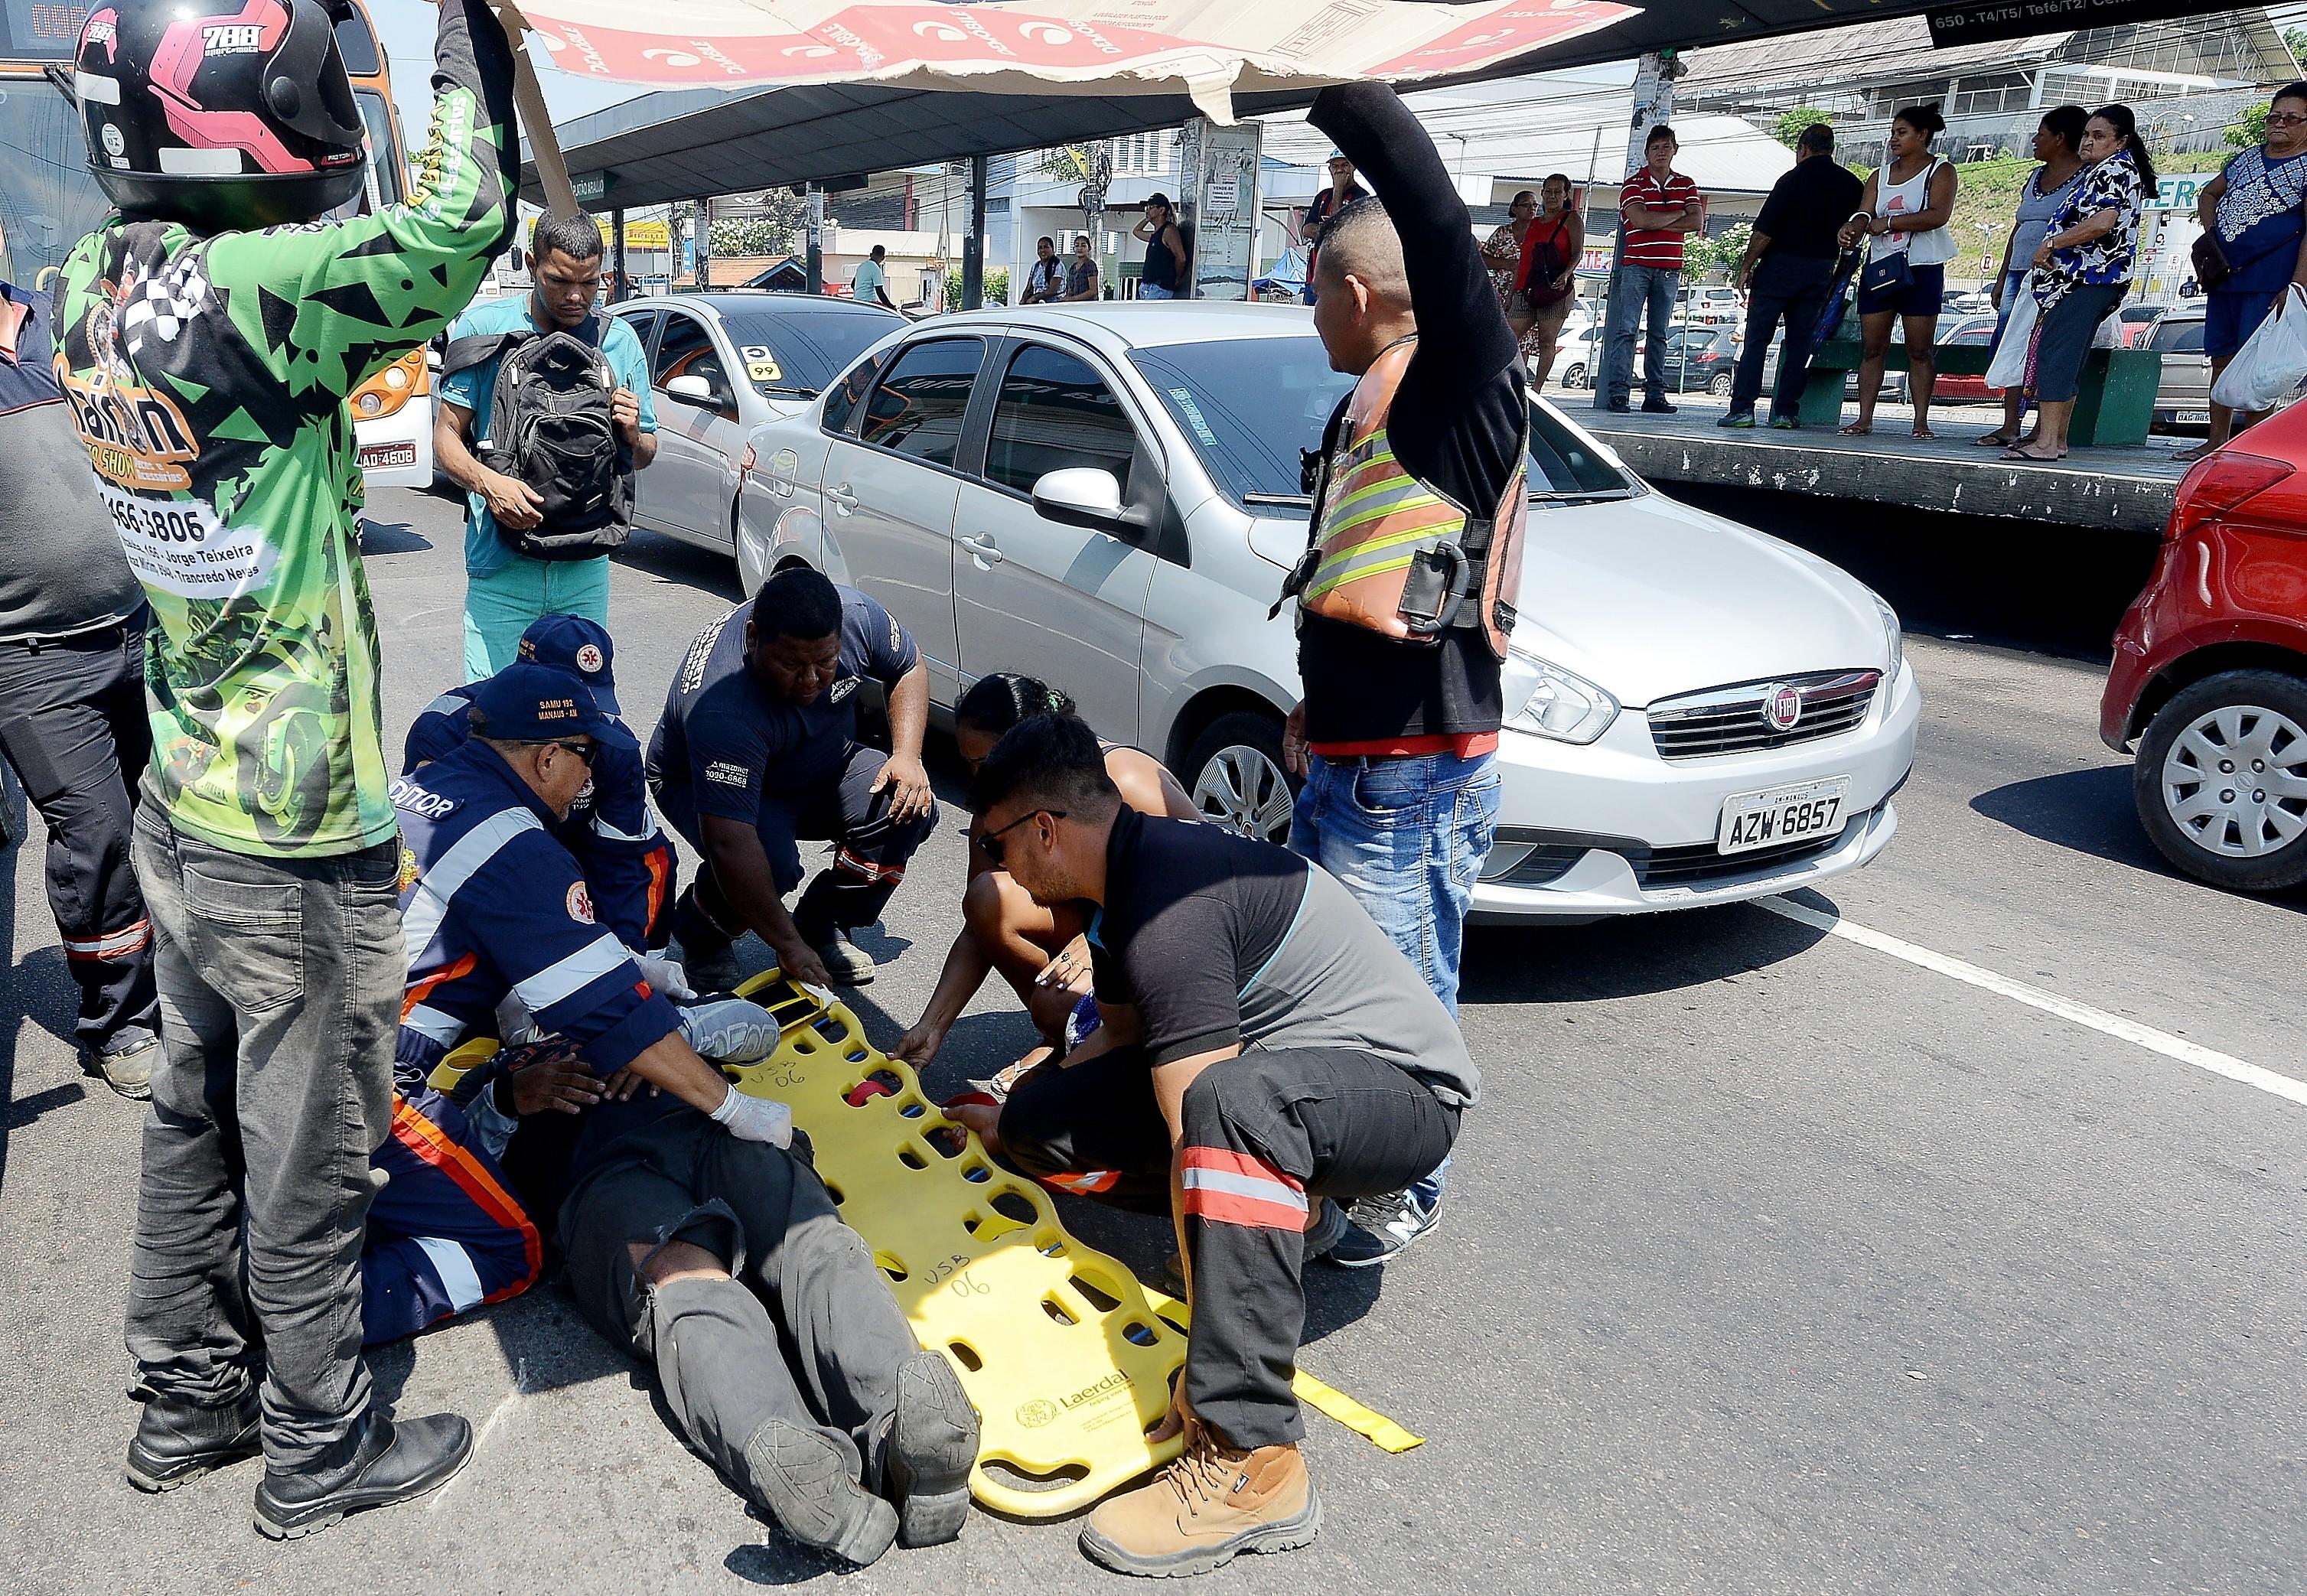 Mortes no trânsito tem redução de 47,83% em Manaus, diz Detran-AM - Notícias - Plantão Diário